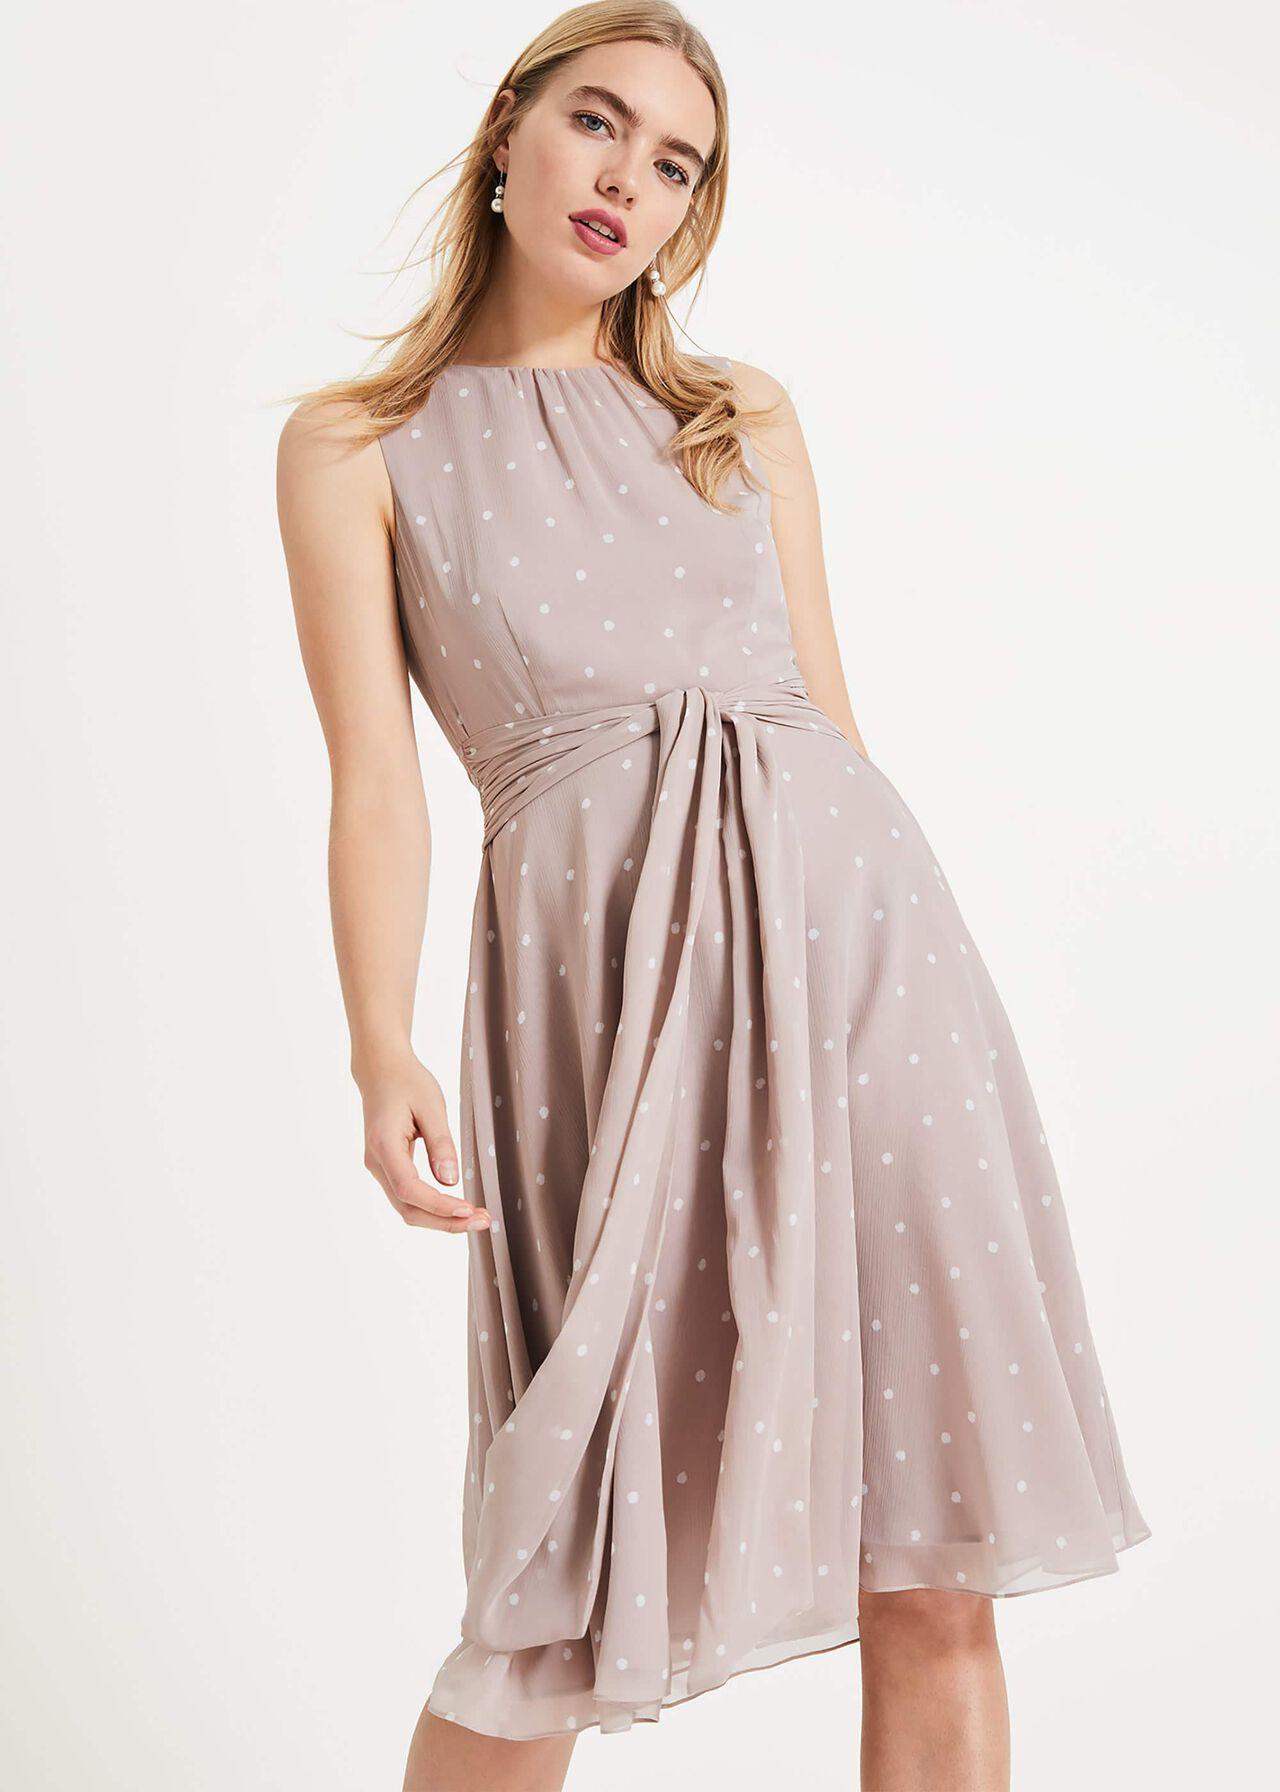 Fernanda Spot Dress